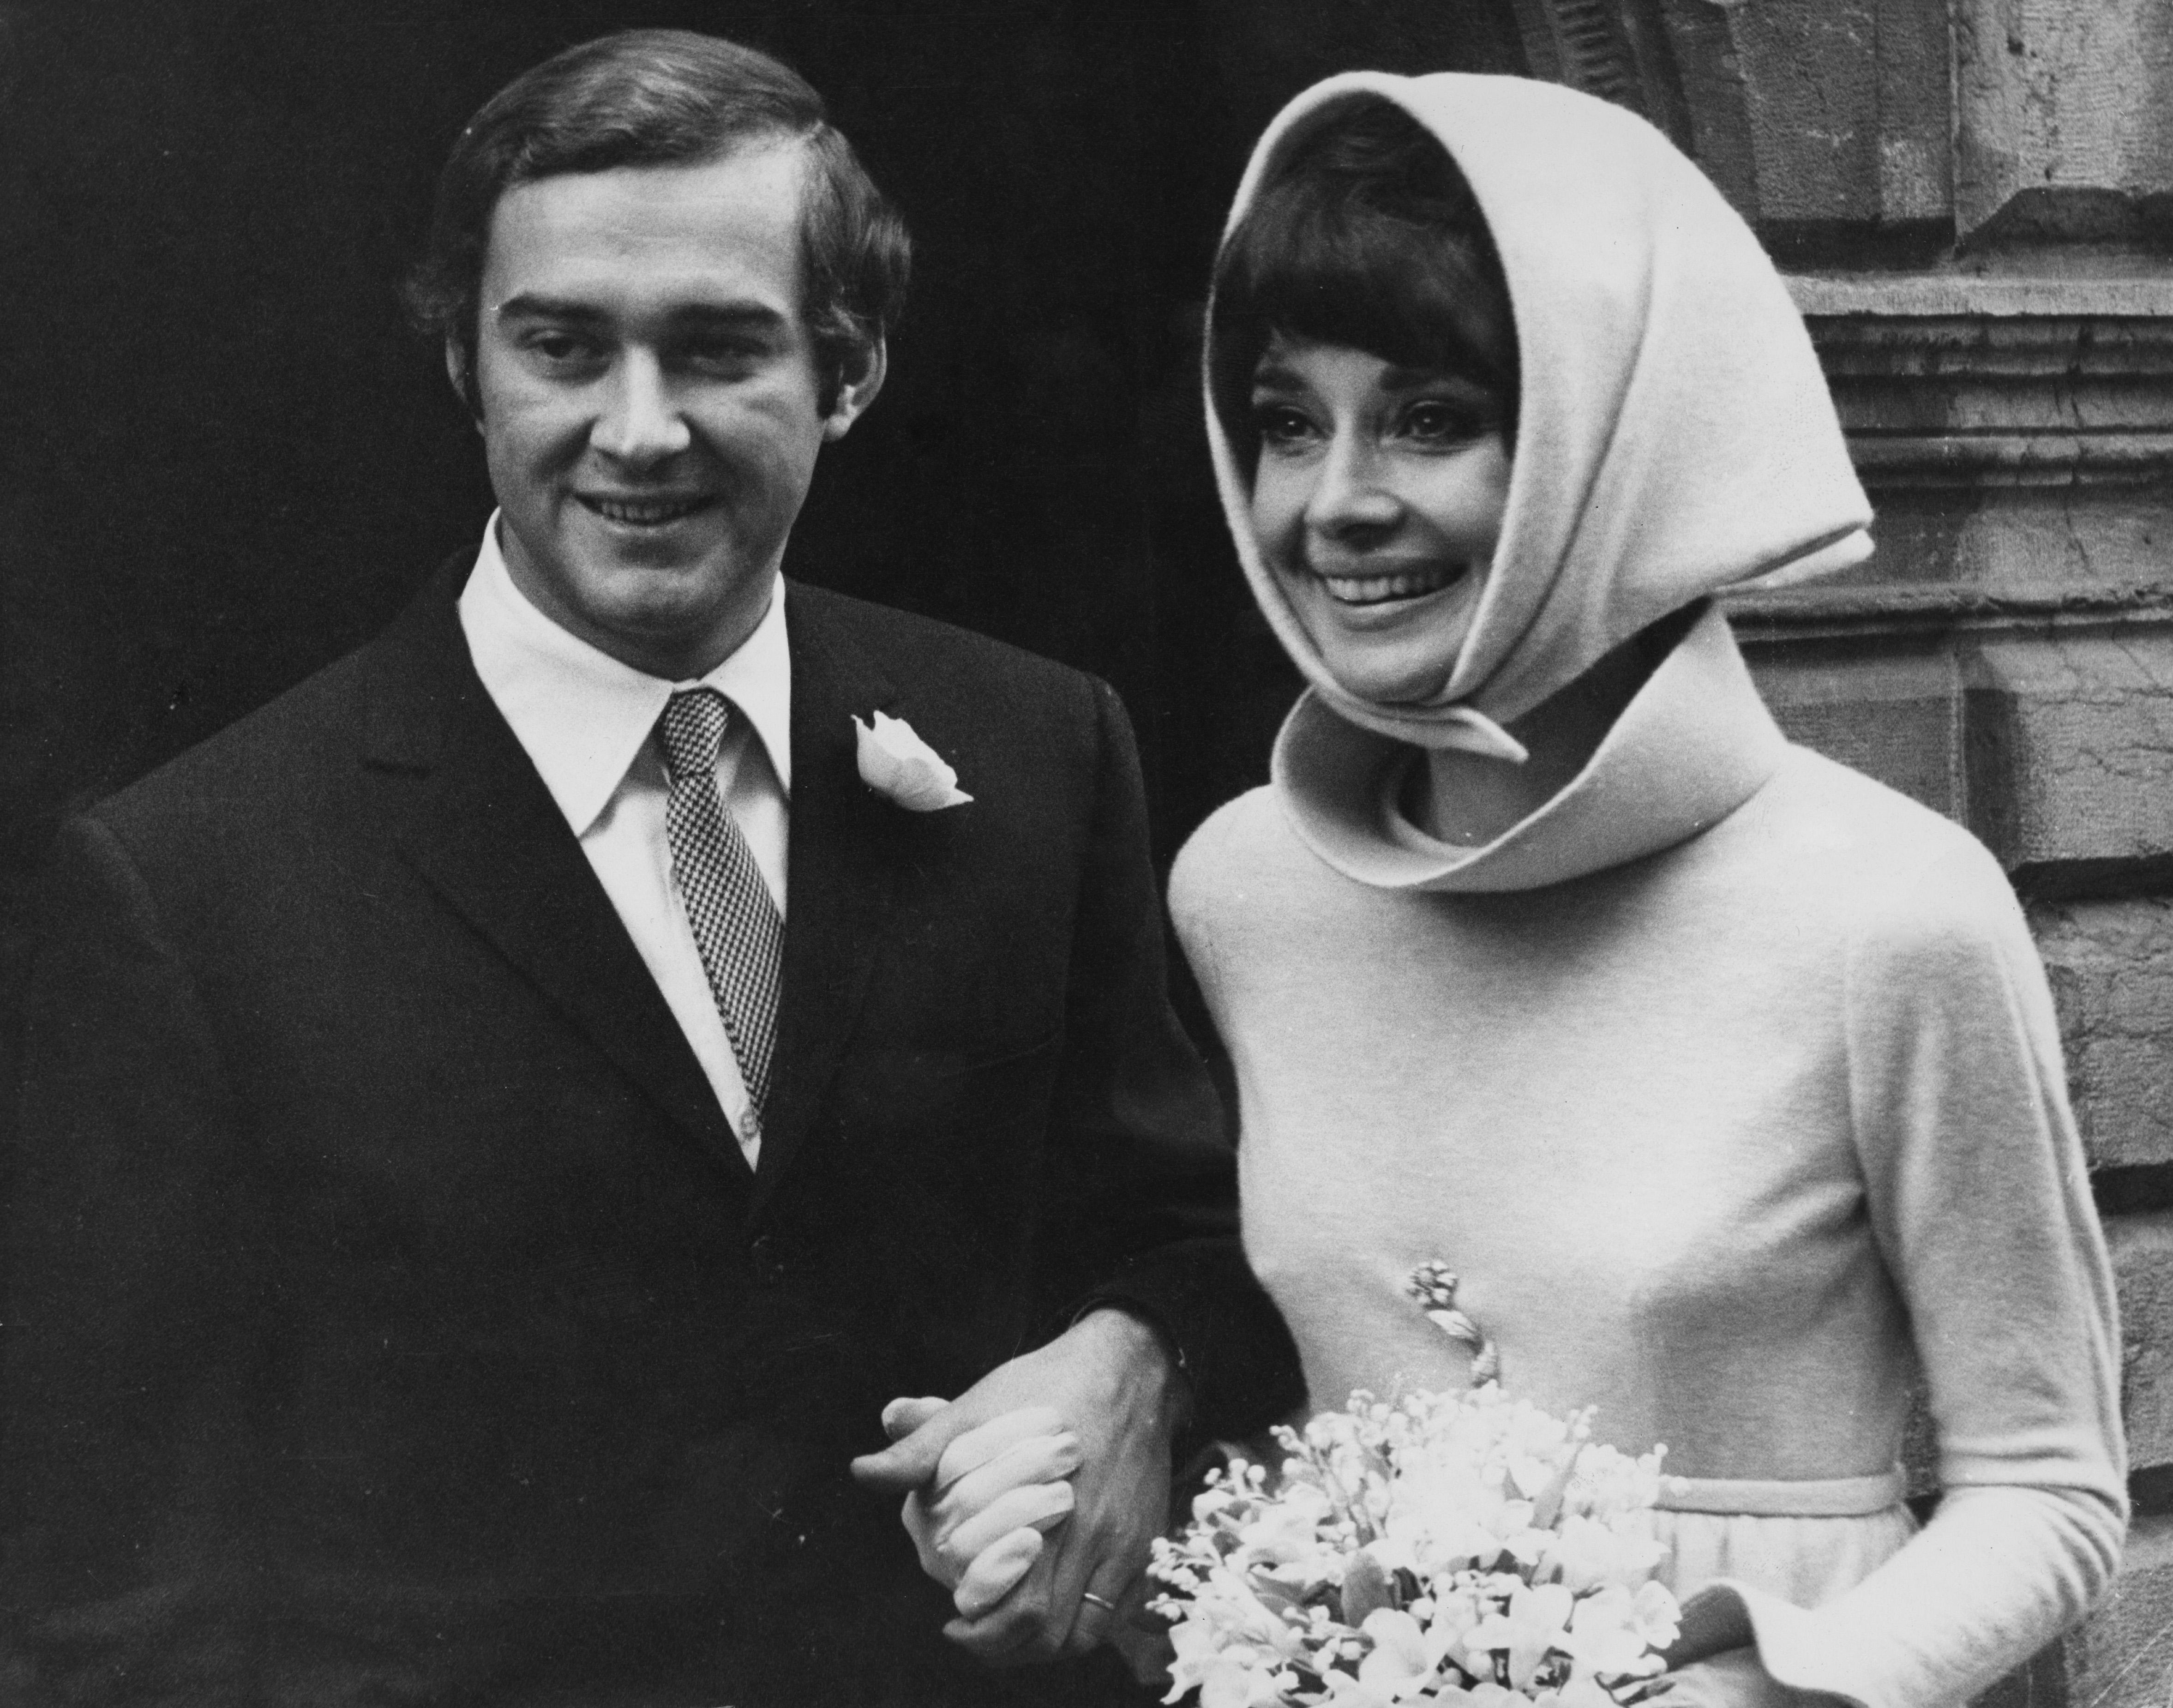 <p><strong>Одри Хепбърн</strong></p>  <p>Актрисата се омъжва два пъти. Първият&nbsp;път за Мел Ферер през 1954 г. С него тя се развежда през 1968 г. На следващата година Хепбърн сключва брак с Андреа Доти (на снимката). През 1982 г. двамата се развеждат. Одри има по едно дете от всеки от двата брака.&nbsp;</p>